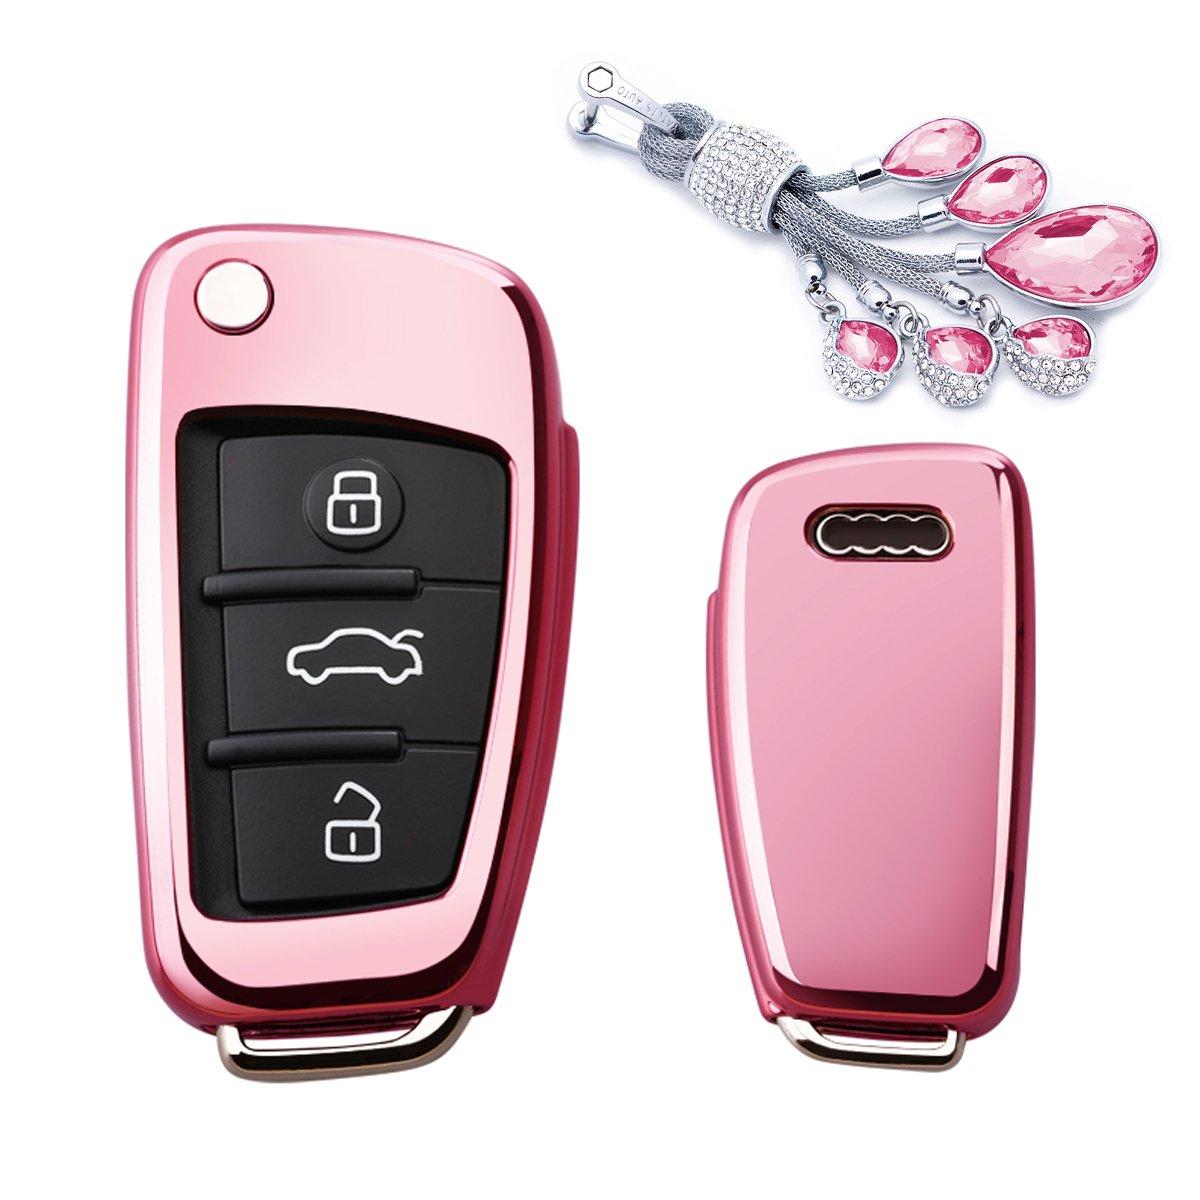 カイゼンキーレスエントリーリモートキーFobカバーソフトTPUケースwithダイヤモンドタッセルキーチェーンfor Audi a3 q3 q7 a1 s3 a6l 3ボタンフリップキー key cover+tassel keychain ピンク TPUKC040 B07CN1LYLD key cover+tassel keychain|ピンク ピンク key cover+tassel keychain